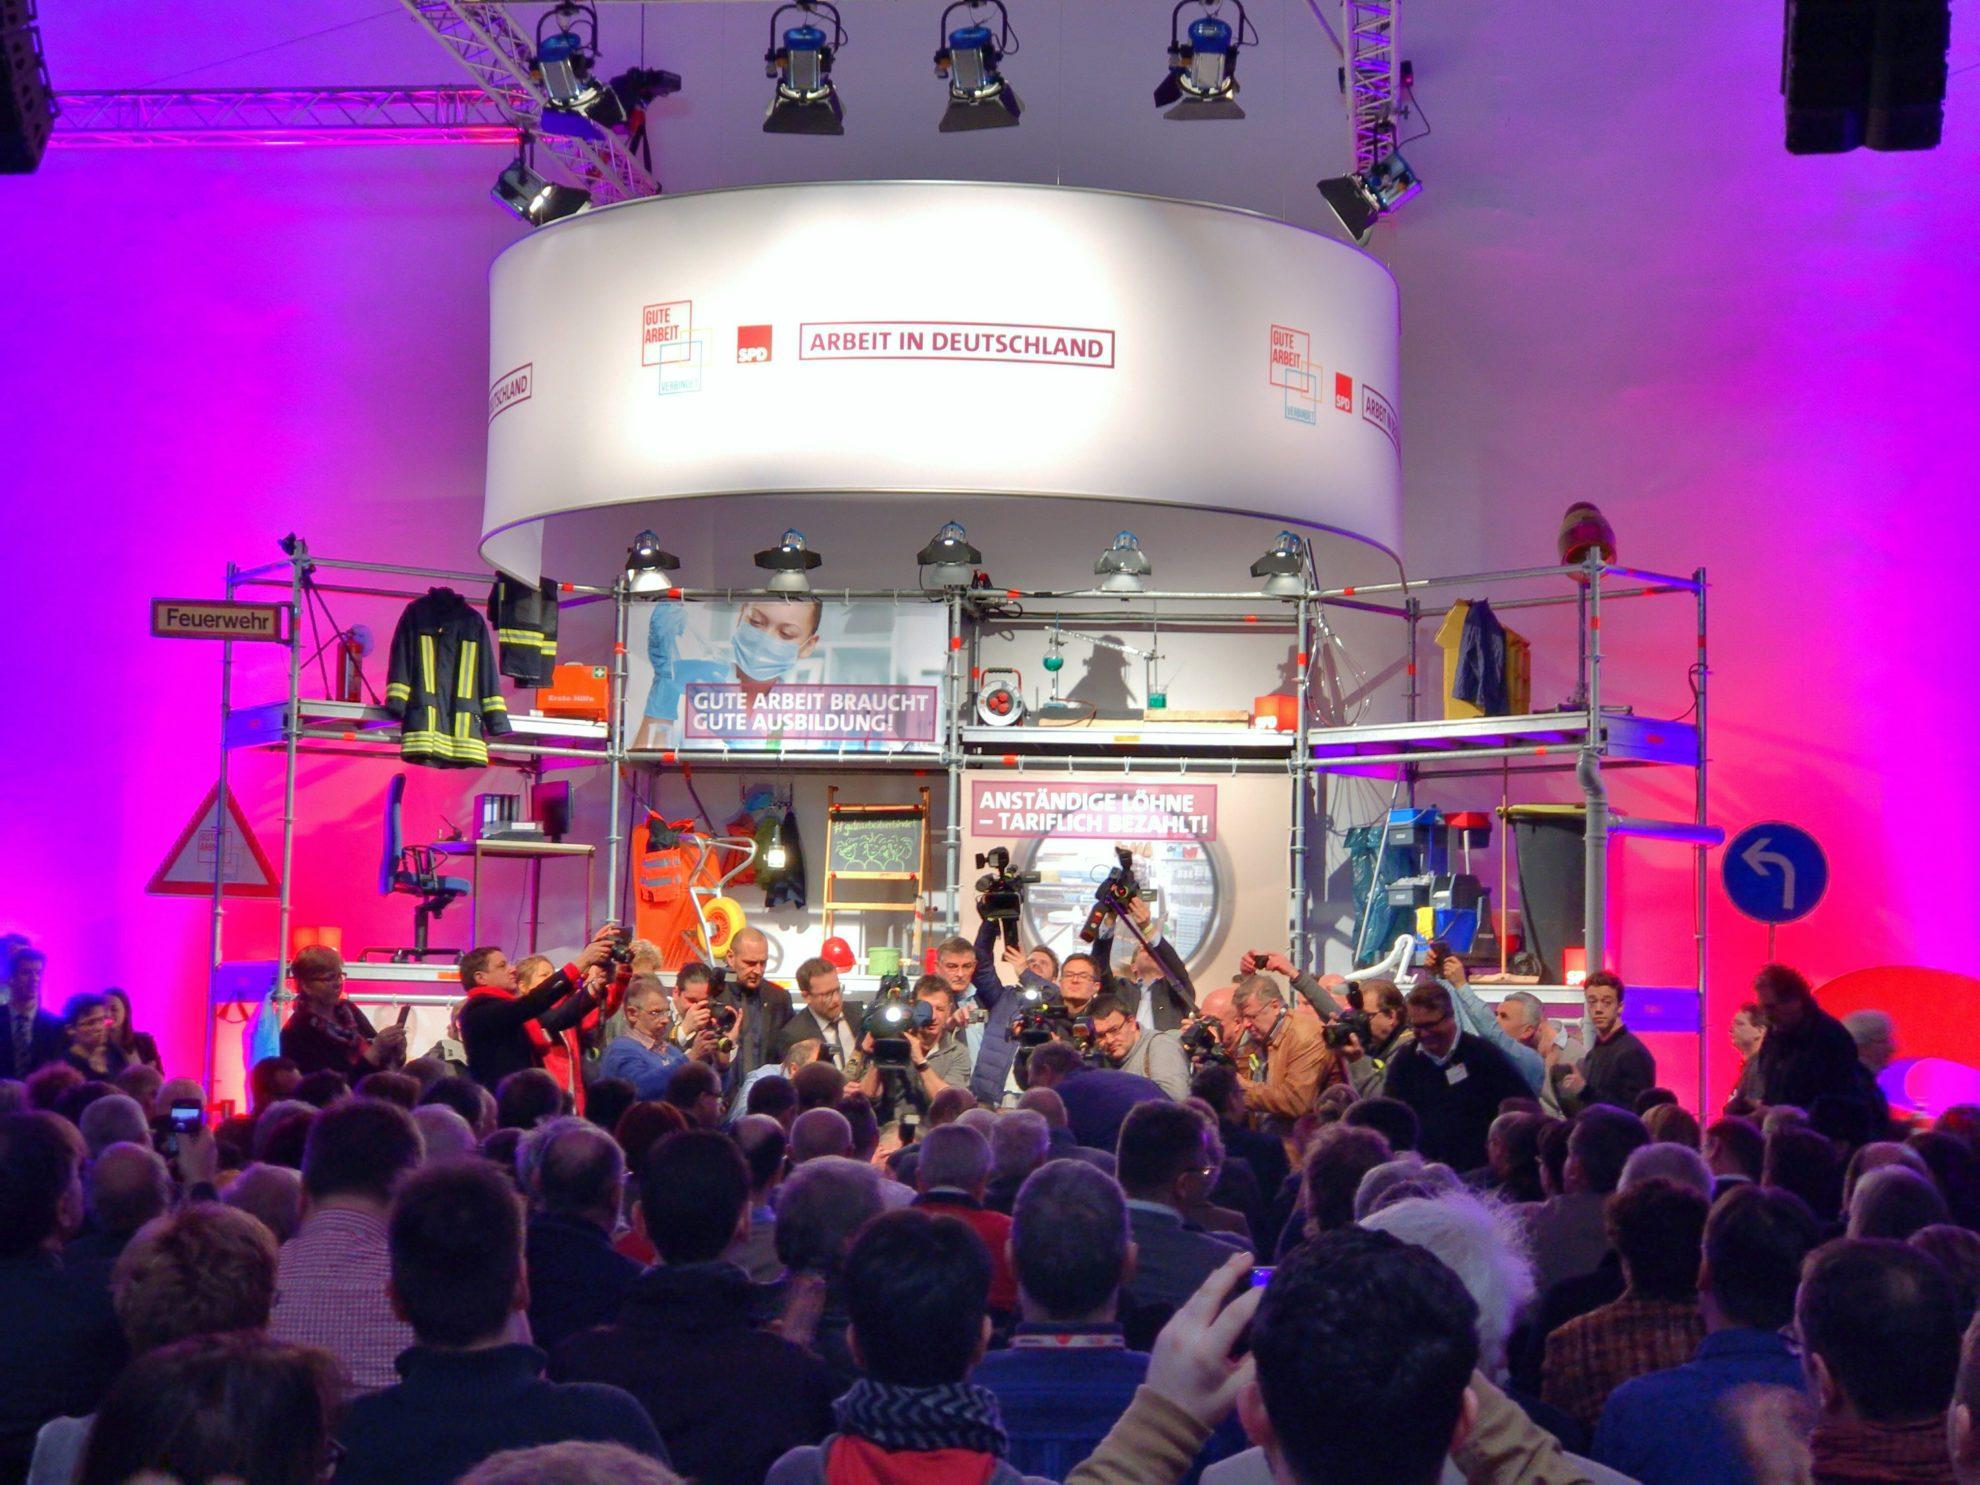 Bei der Arbeitnehmerkonferenz - Martin Schulz wird von diversen Pressevertretern gefilmt und fotografiert #GuteArbeitVerbindet #SPD